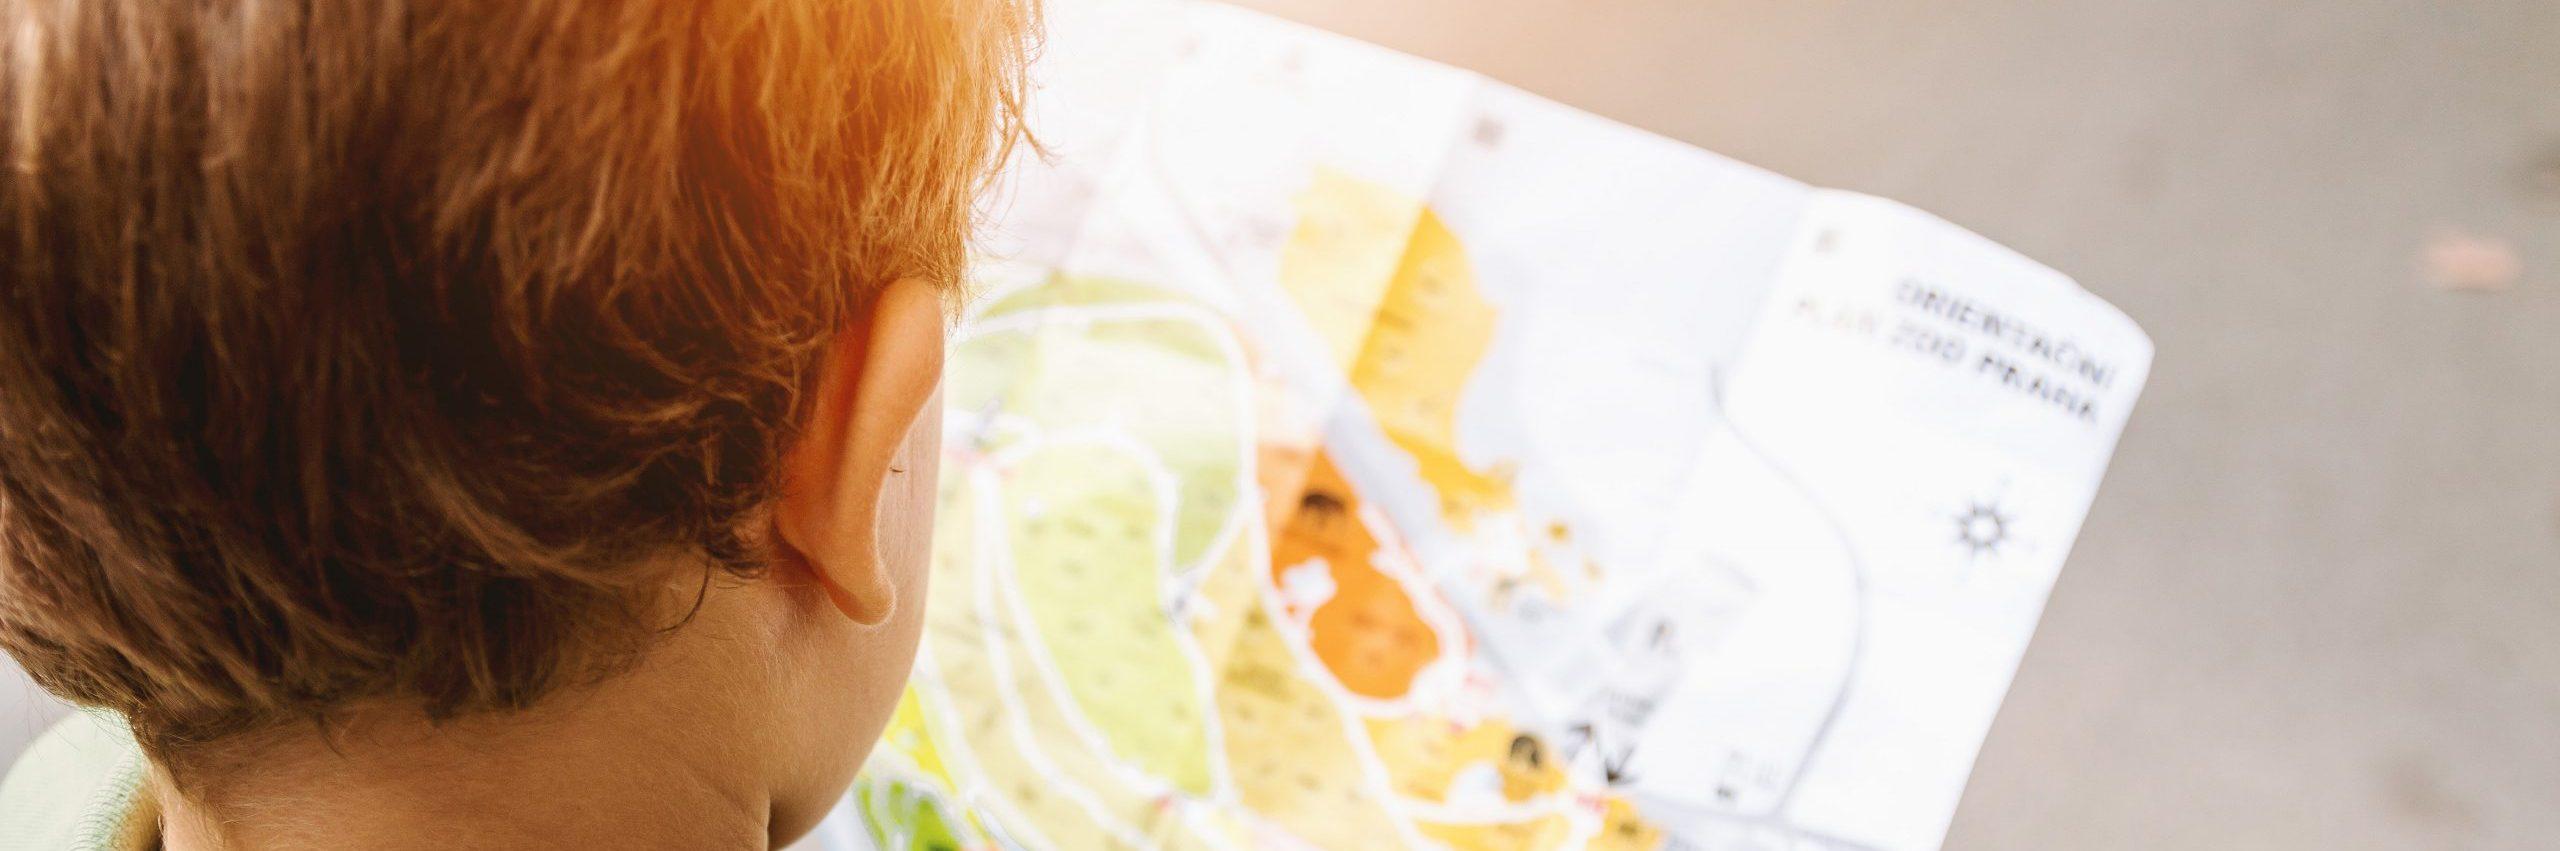 Onderzoekend en ontwerpend leren bij het oudere kind (W&T)